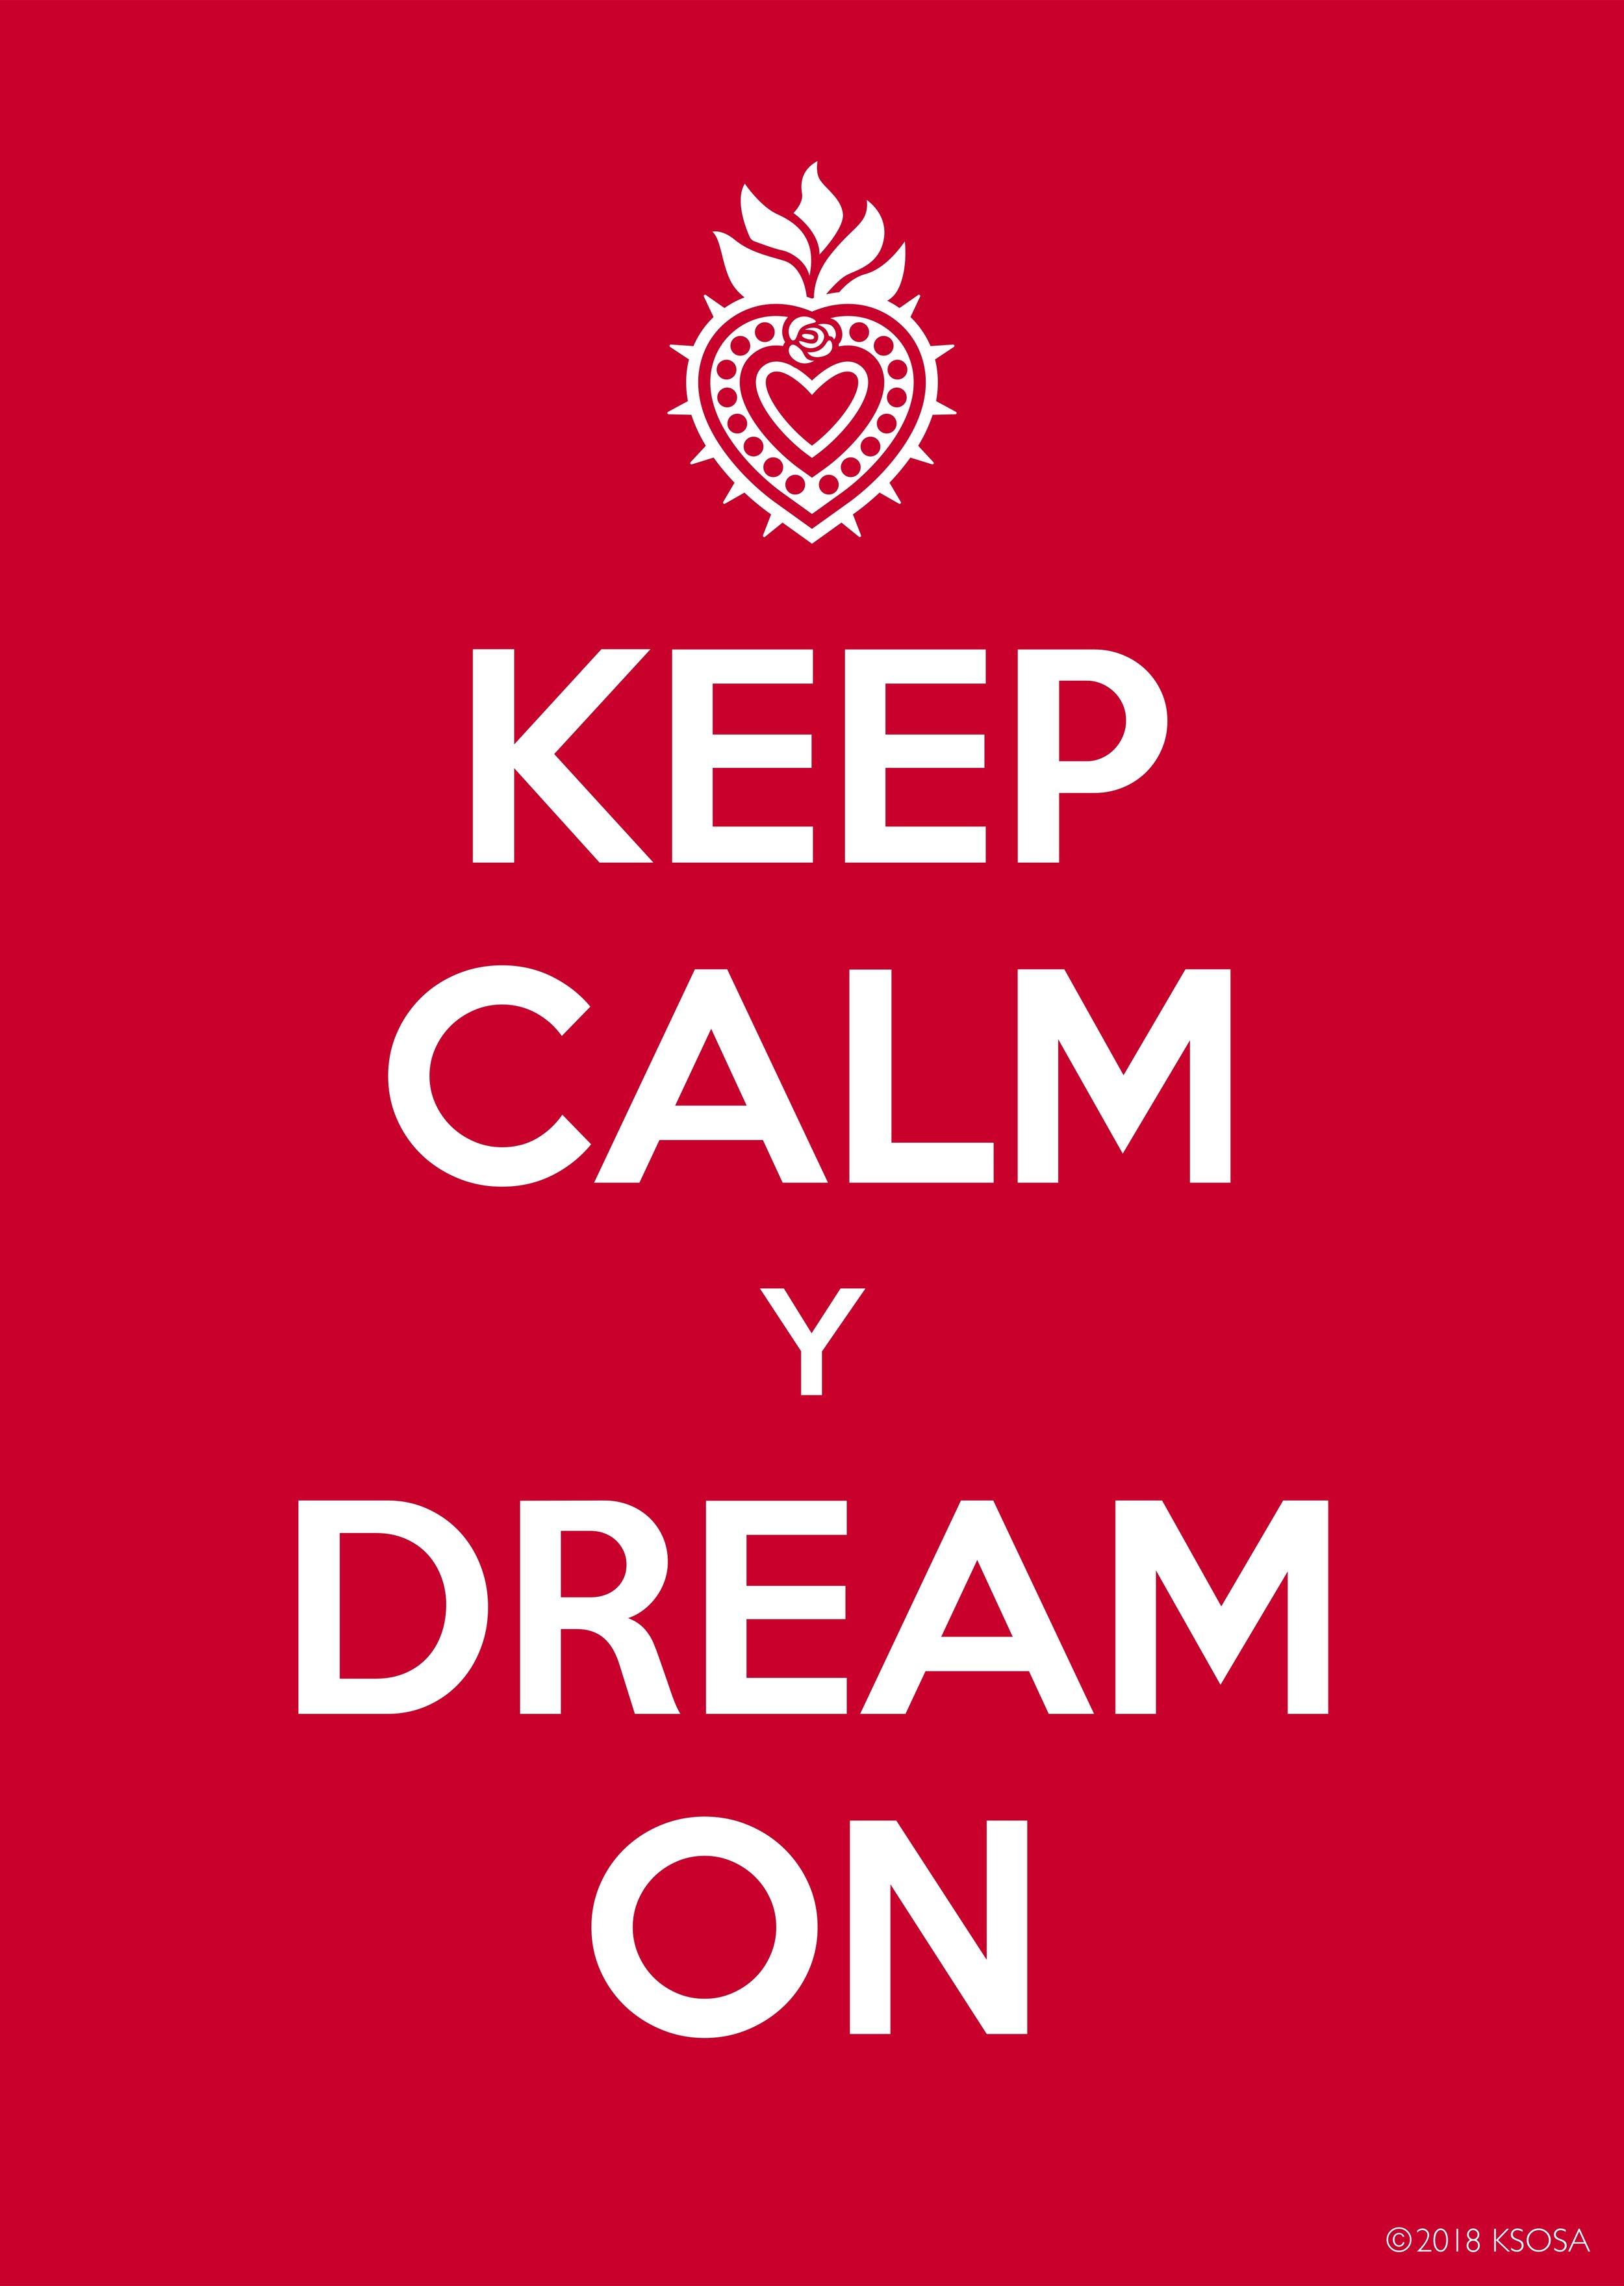 keep-calm-y-dream-on.jpg